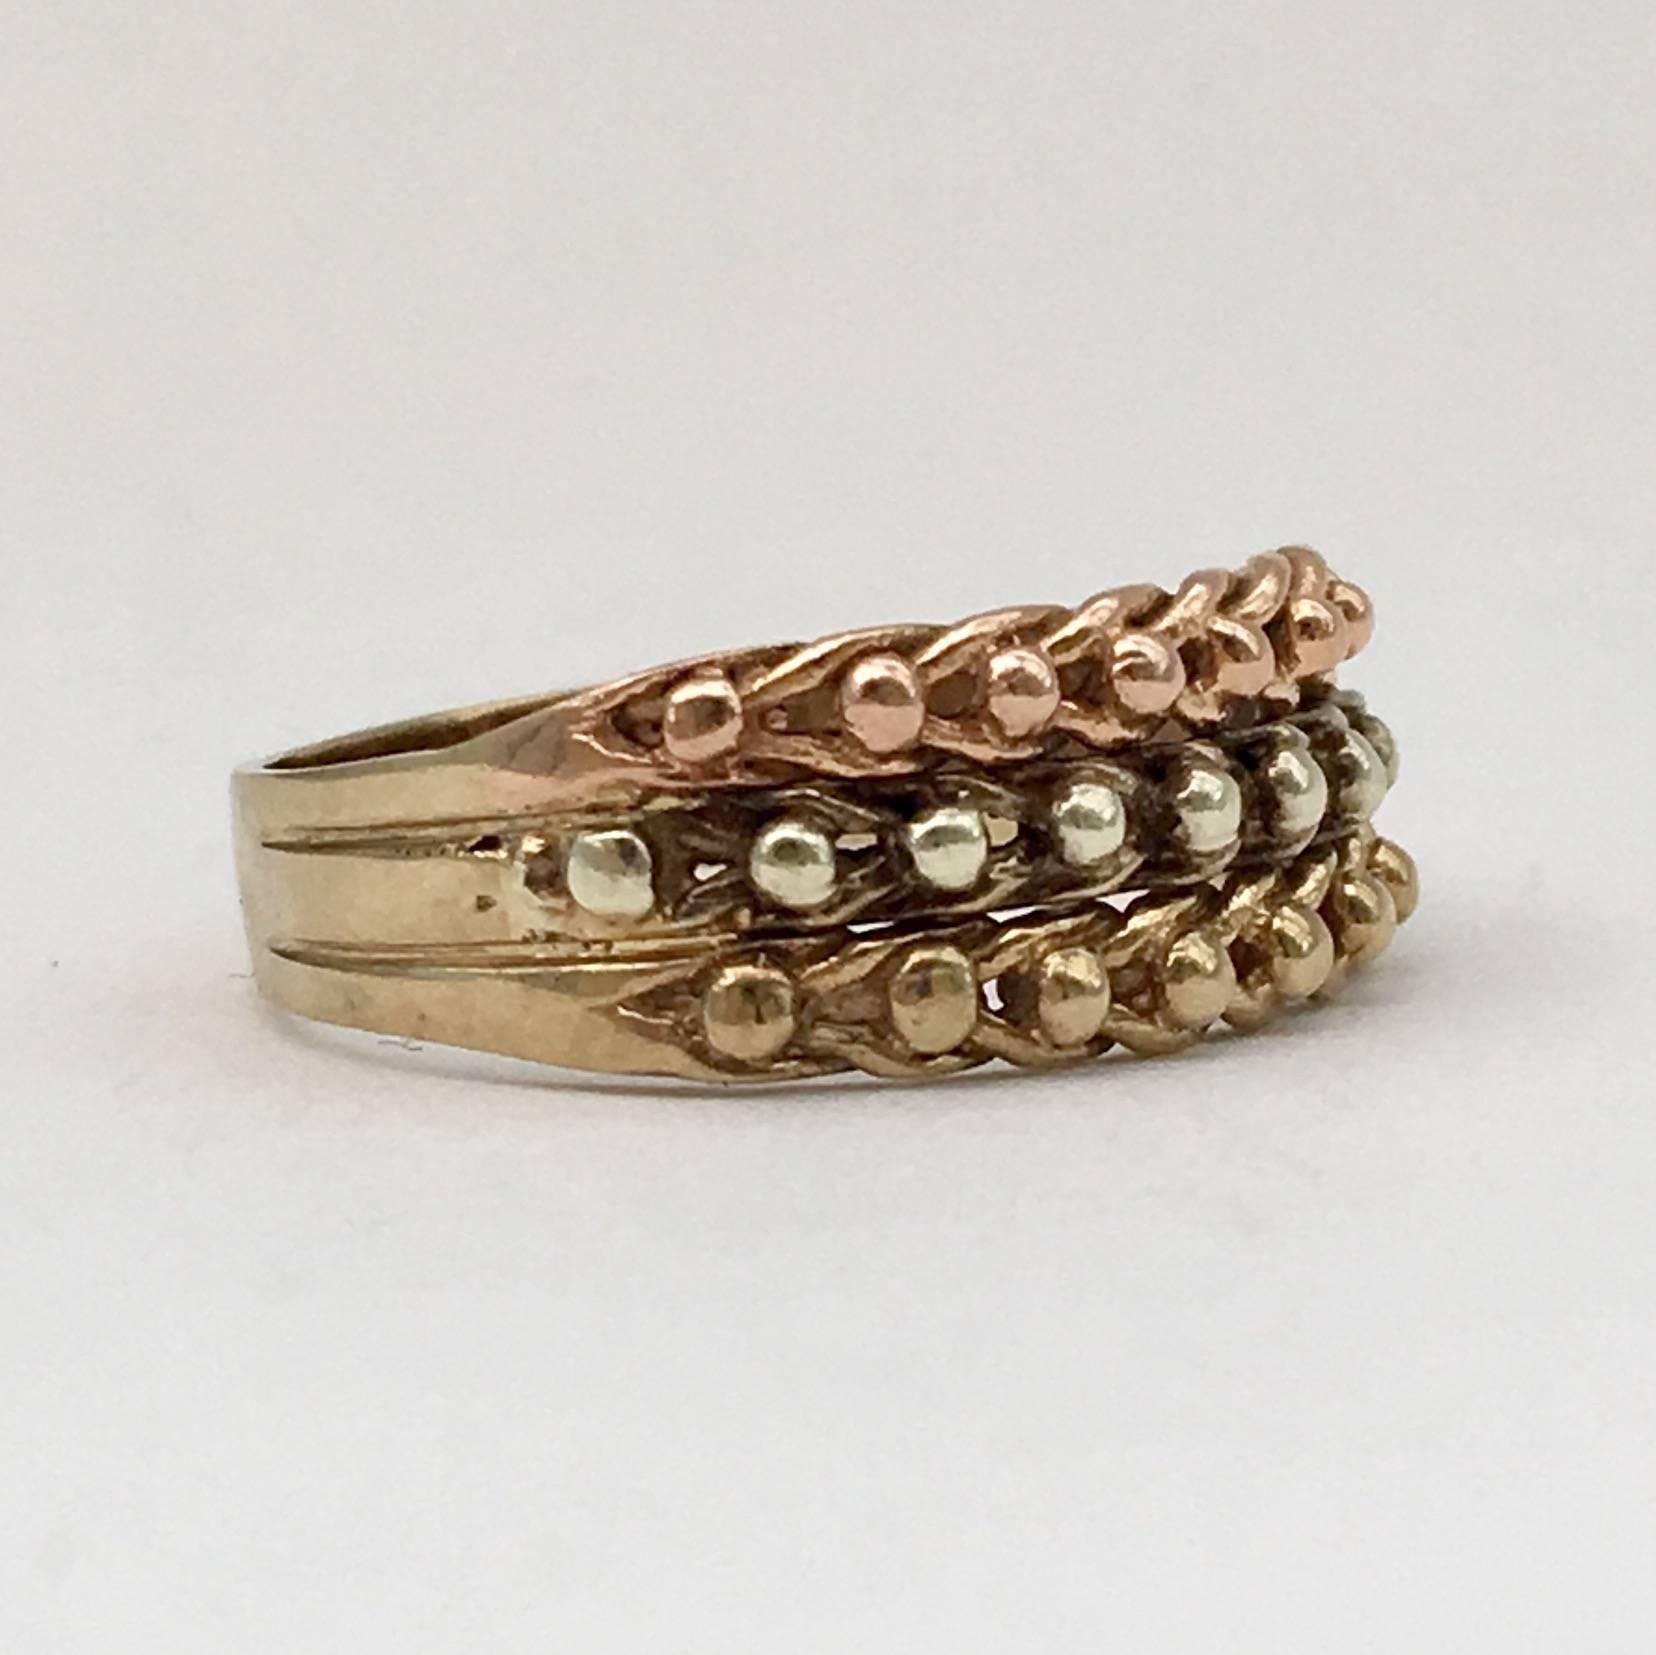 Vintage keeper ring